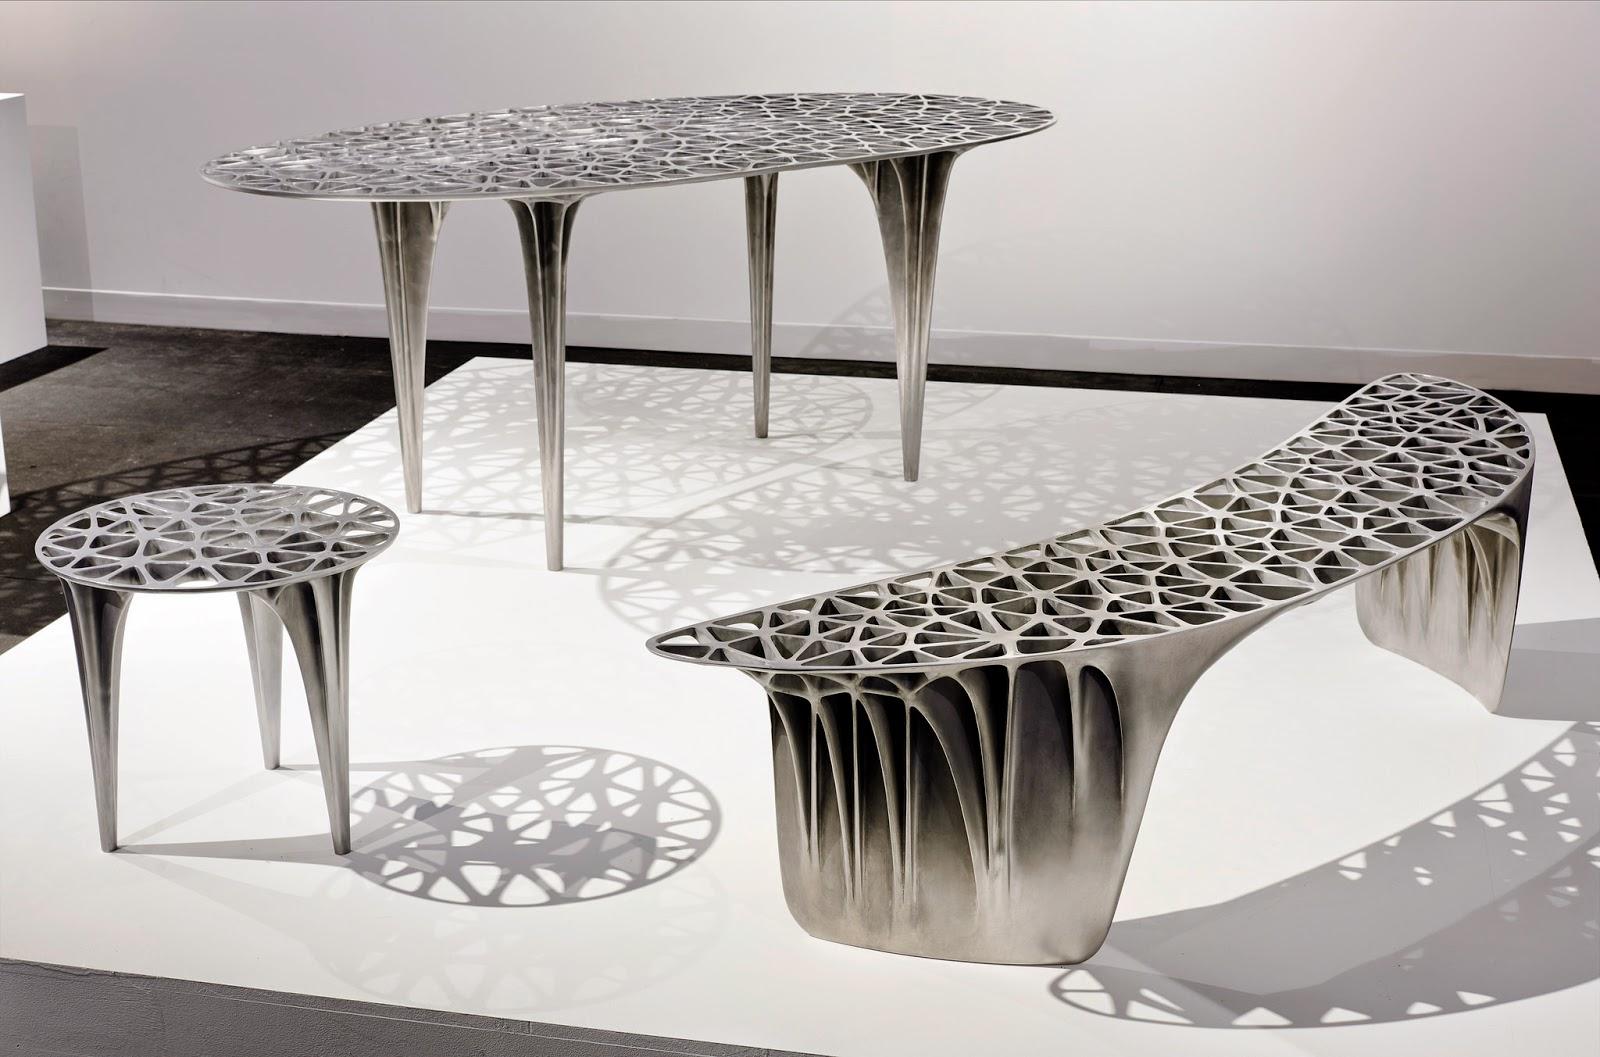 Moto-Mucci: ART&DESIGN: Trusswork Furniture of Janne Kyttanen